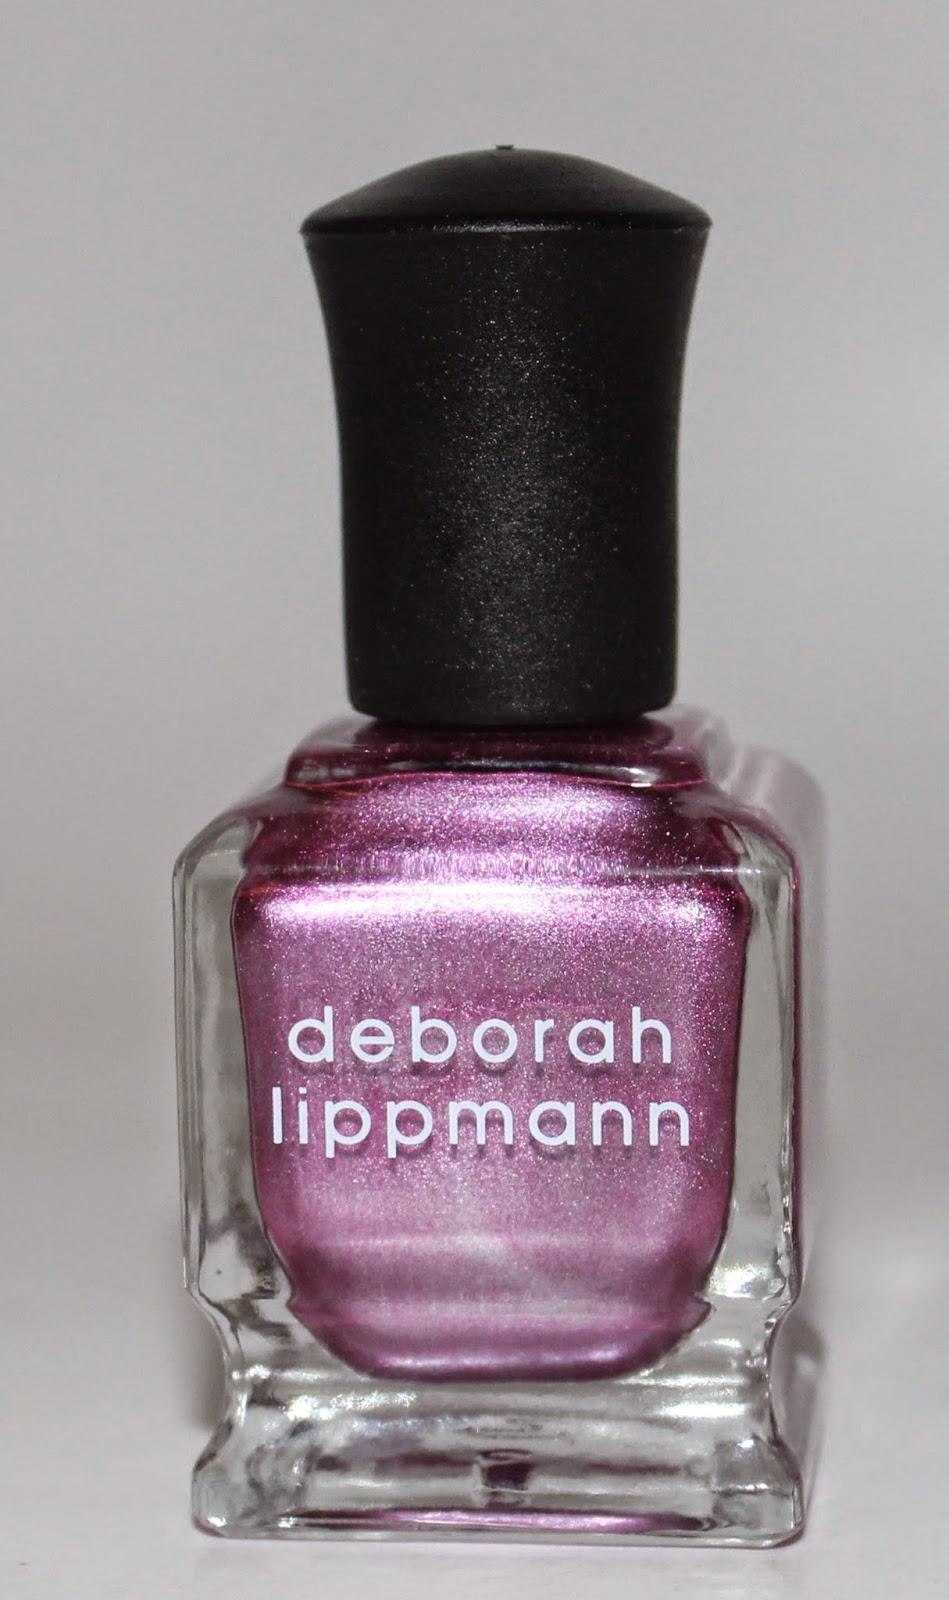 Deborah Lippmann 12th Street Rag